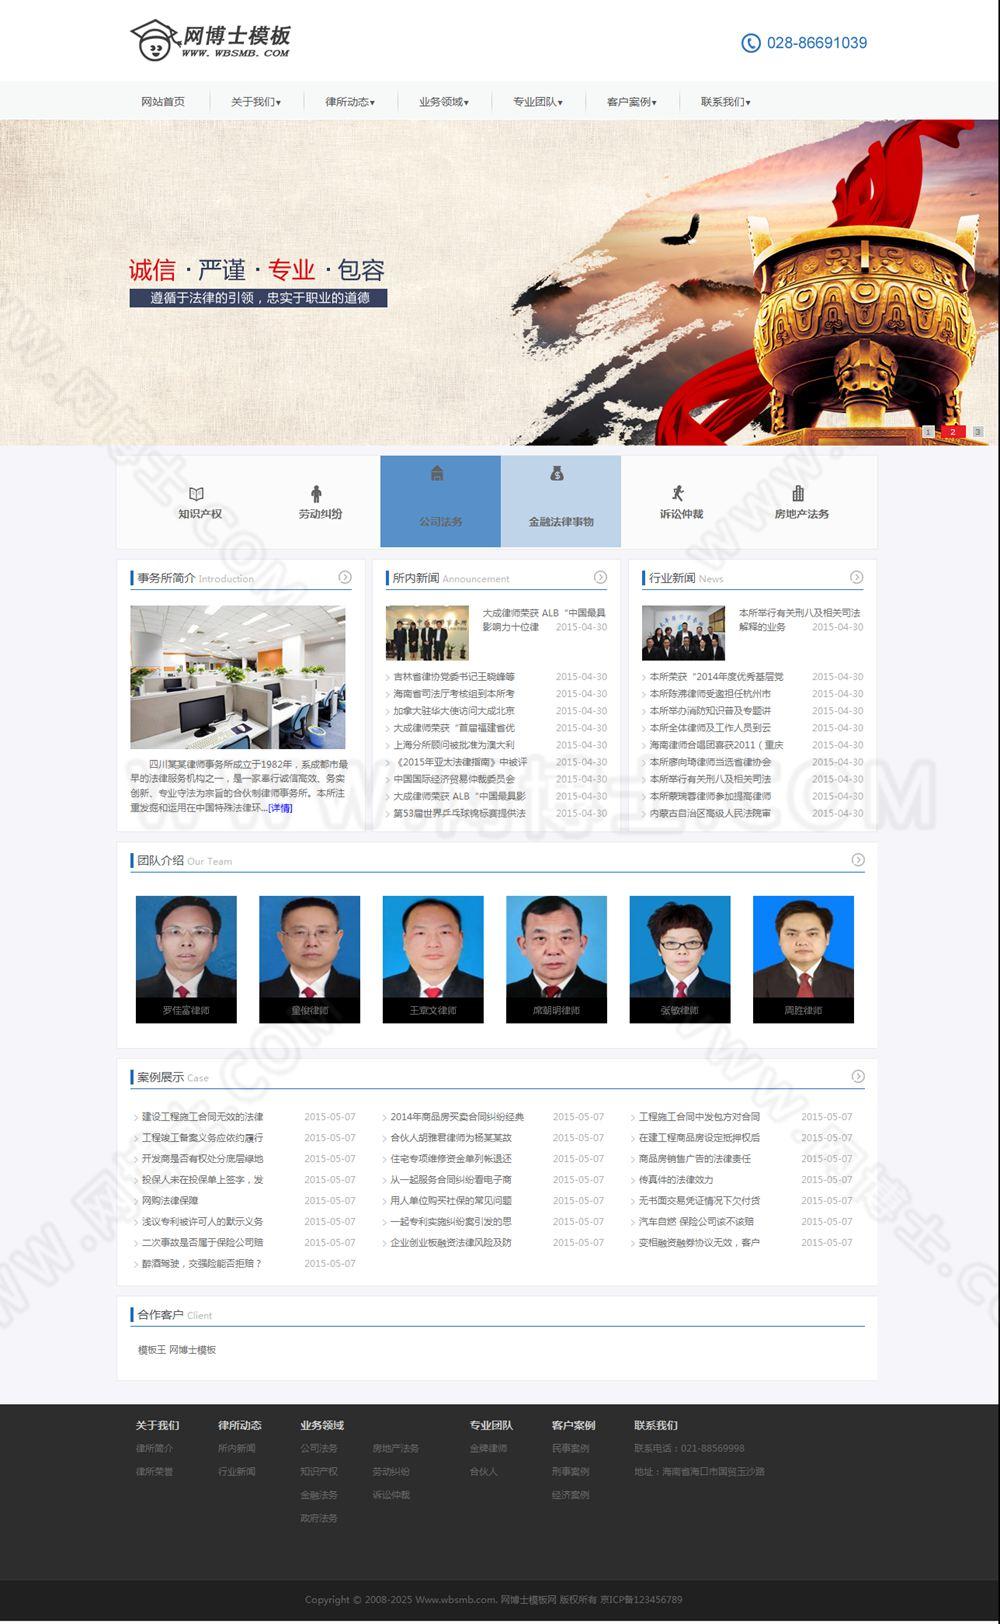 清爽简约大气的律师事务所网站源码